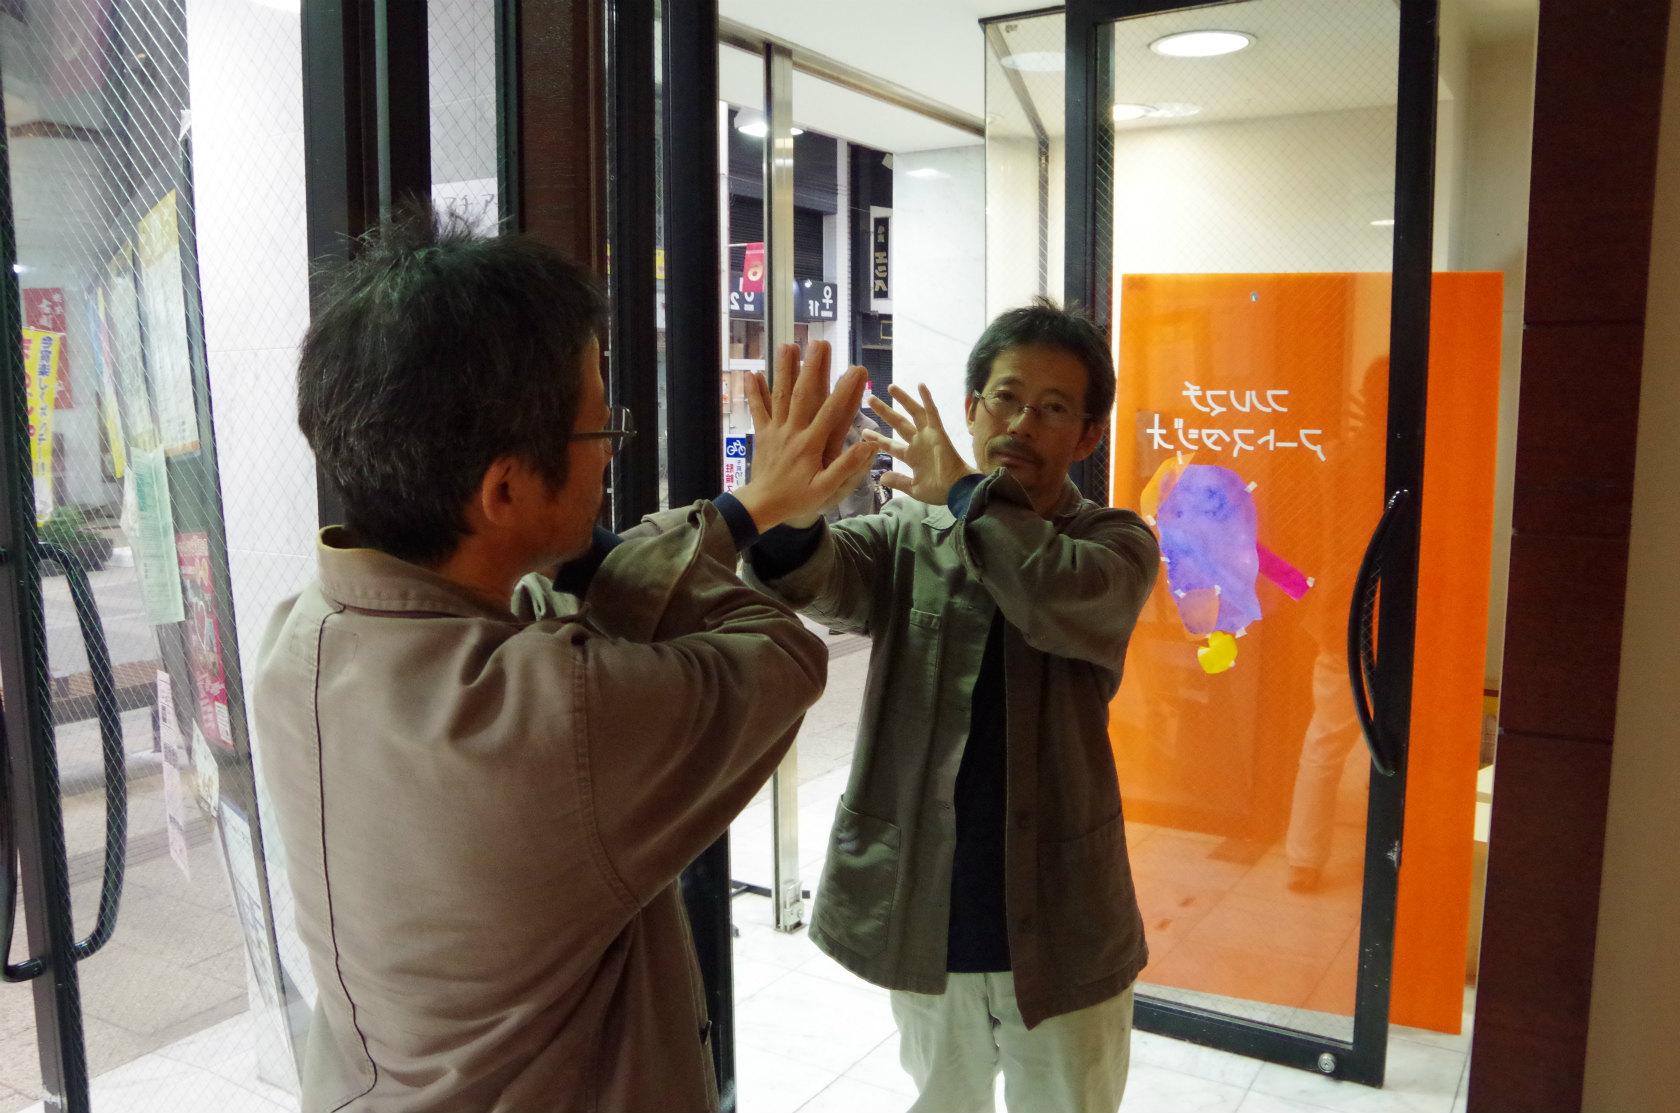 【インタビュー】古町に生まれた新しいアートの拠点「フルマチ・アートスタジオ」!最初の滞在アーティストの茂井健司さんにお話を聞いてきた